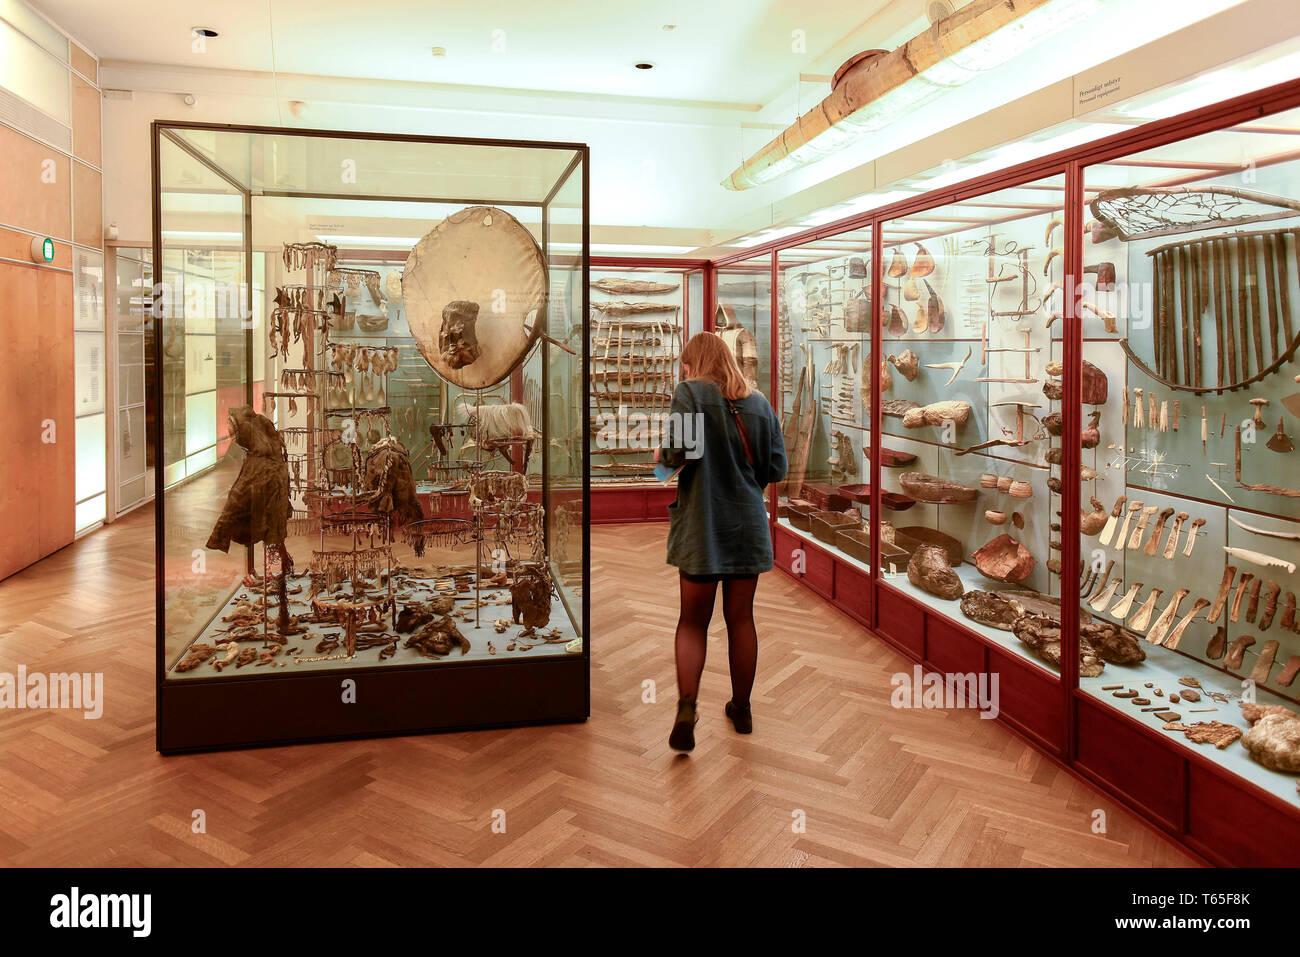 Il Museo Nazionale di Copenhagen in Danimarca è il più grande museo di storia culturale, comprendente le storie dei danesi e culture straniere, Copenhage Foto Stock